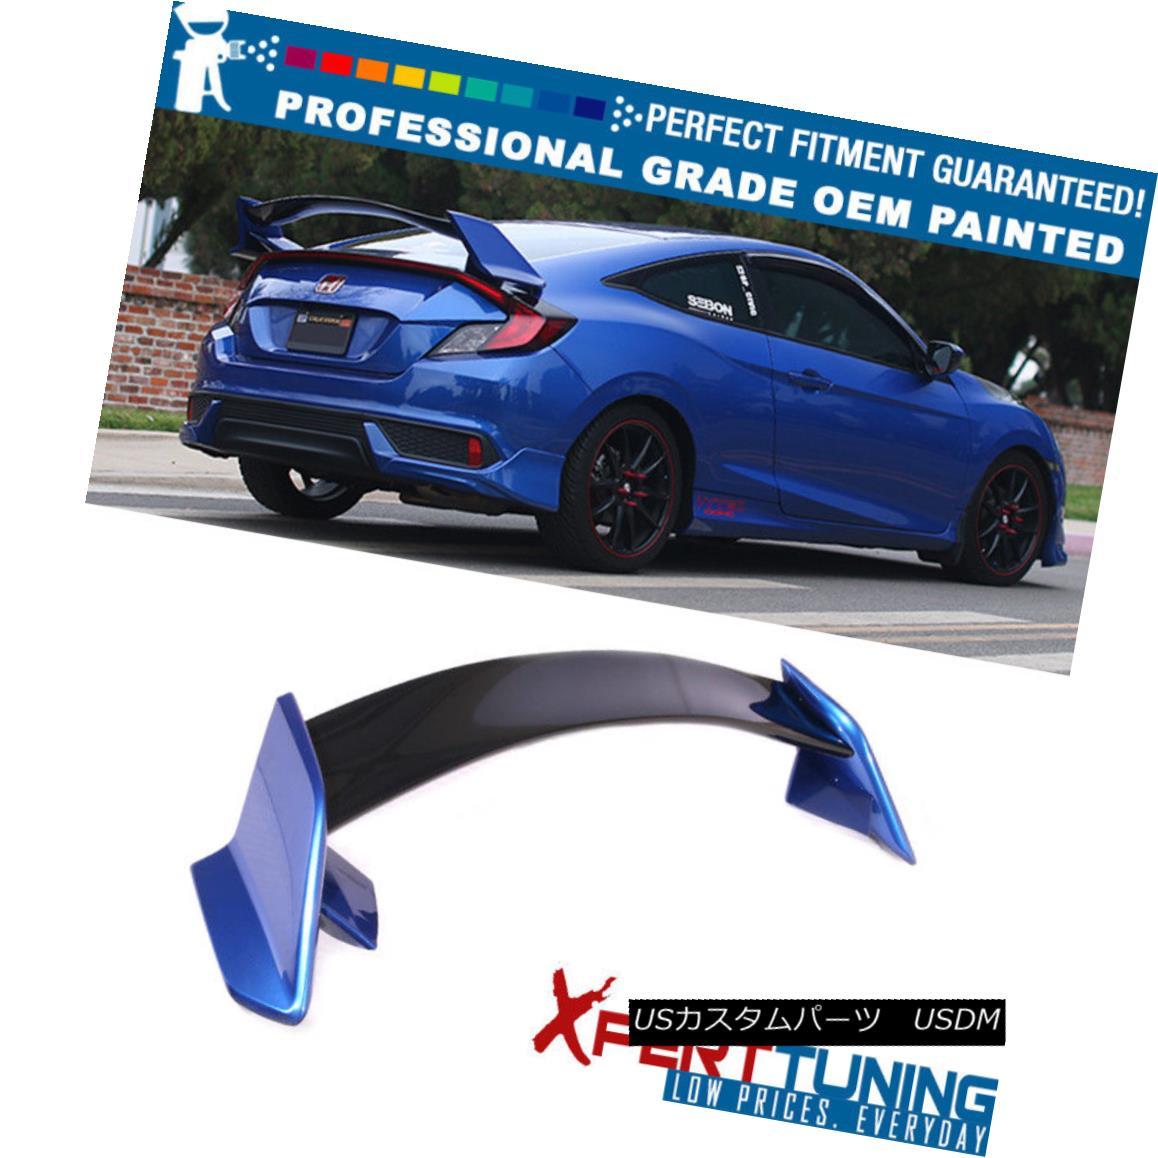 エアロパーツ 16-18 Honda Civic X 10th Gen Coupe 2Dr Type R Trunk Spoiler - OEM Painted Color 16-18ホンダシビックX第10世代クーペ2DrタイプRトランクスポイラー - OEM塗装色